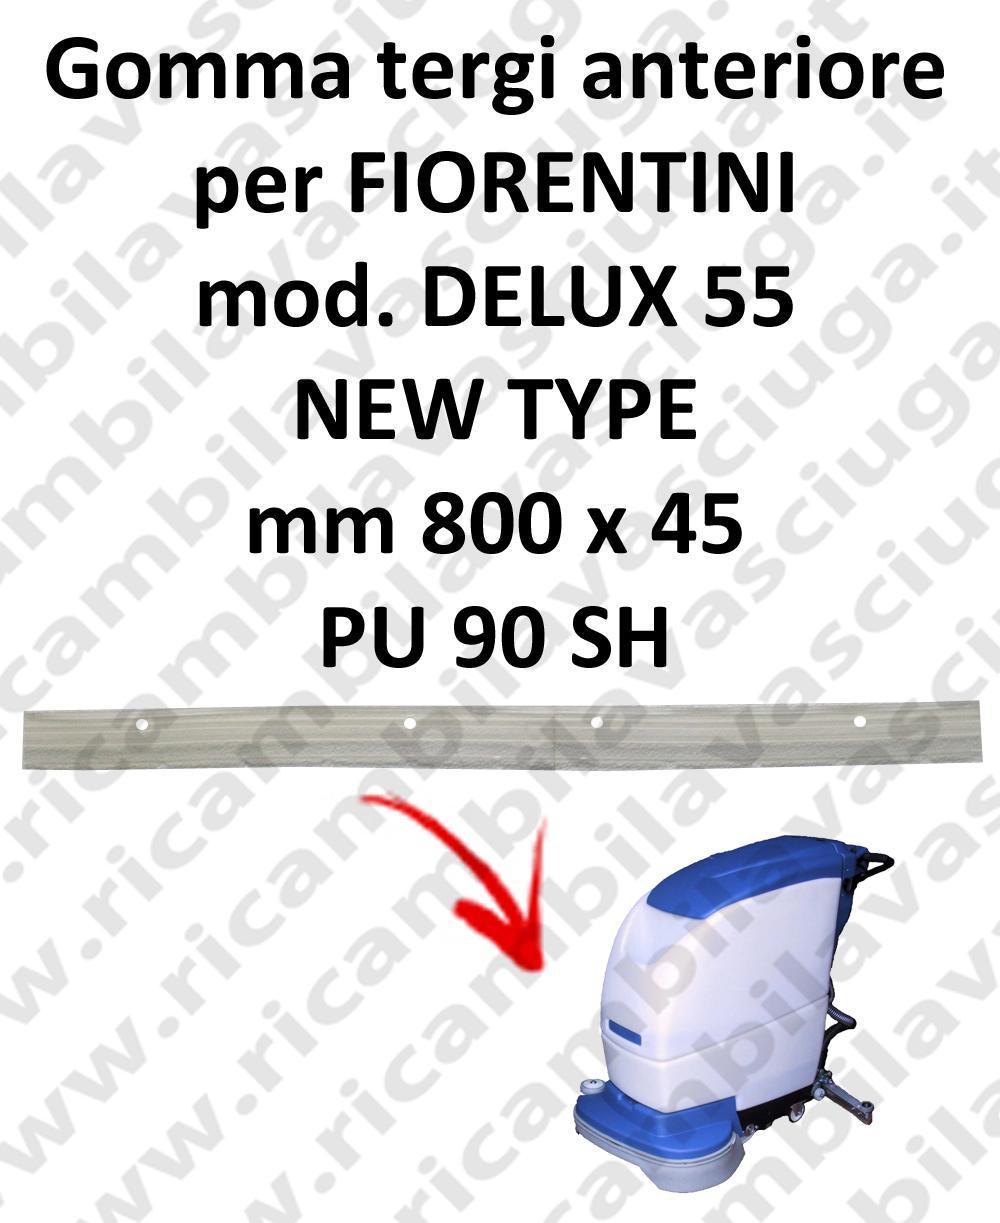 DELUX 55 new type BAVETTE AVANT pour autolaveuses FIORENTINI